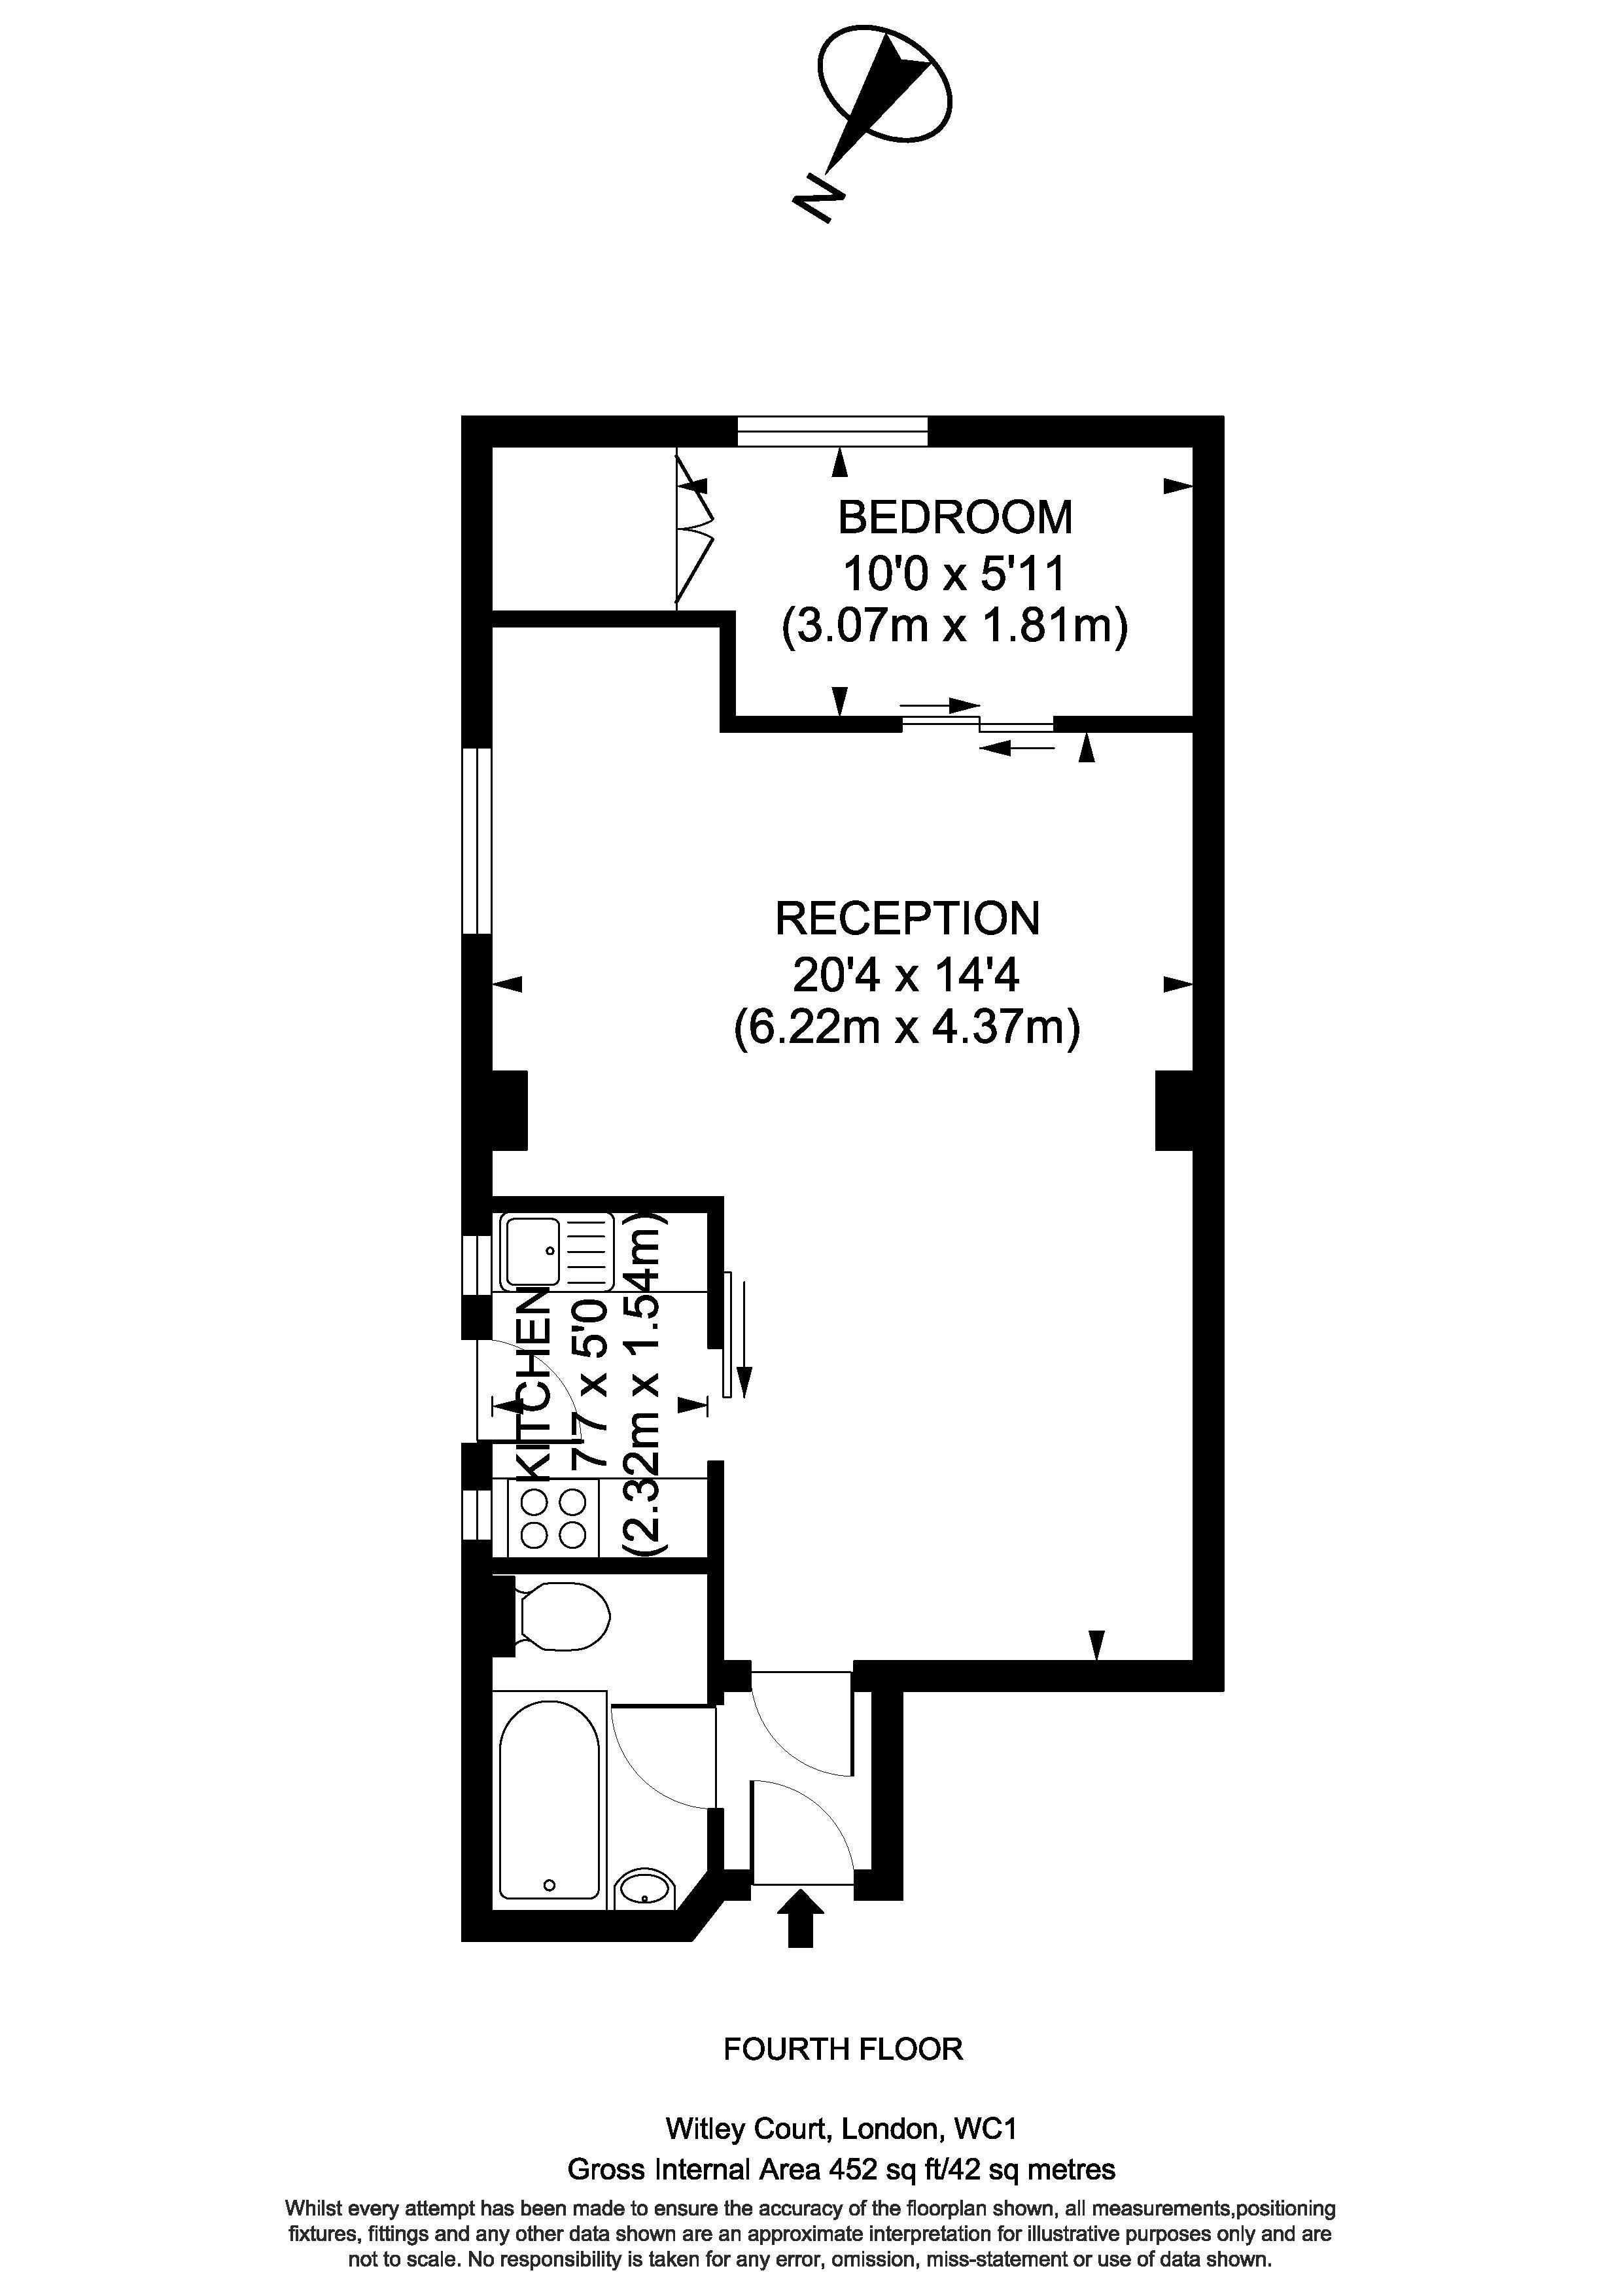 40 Witley Court - Floorplan